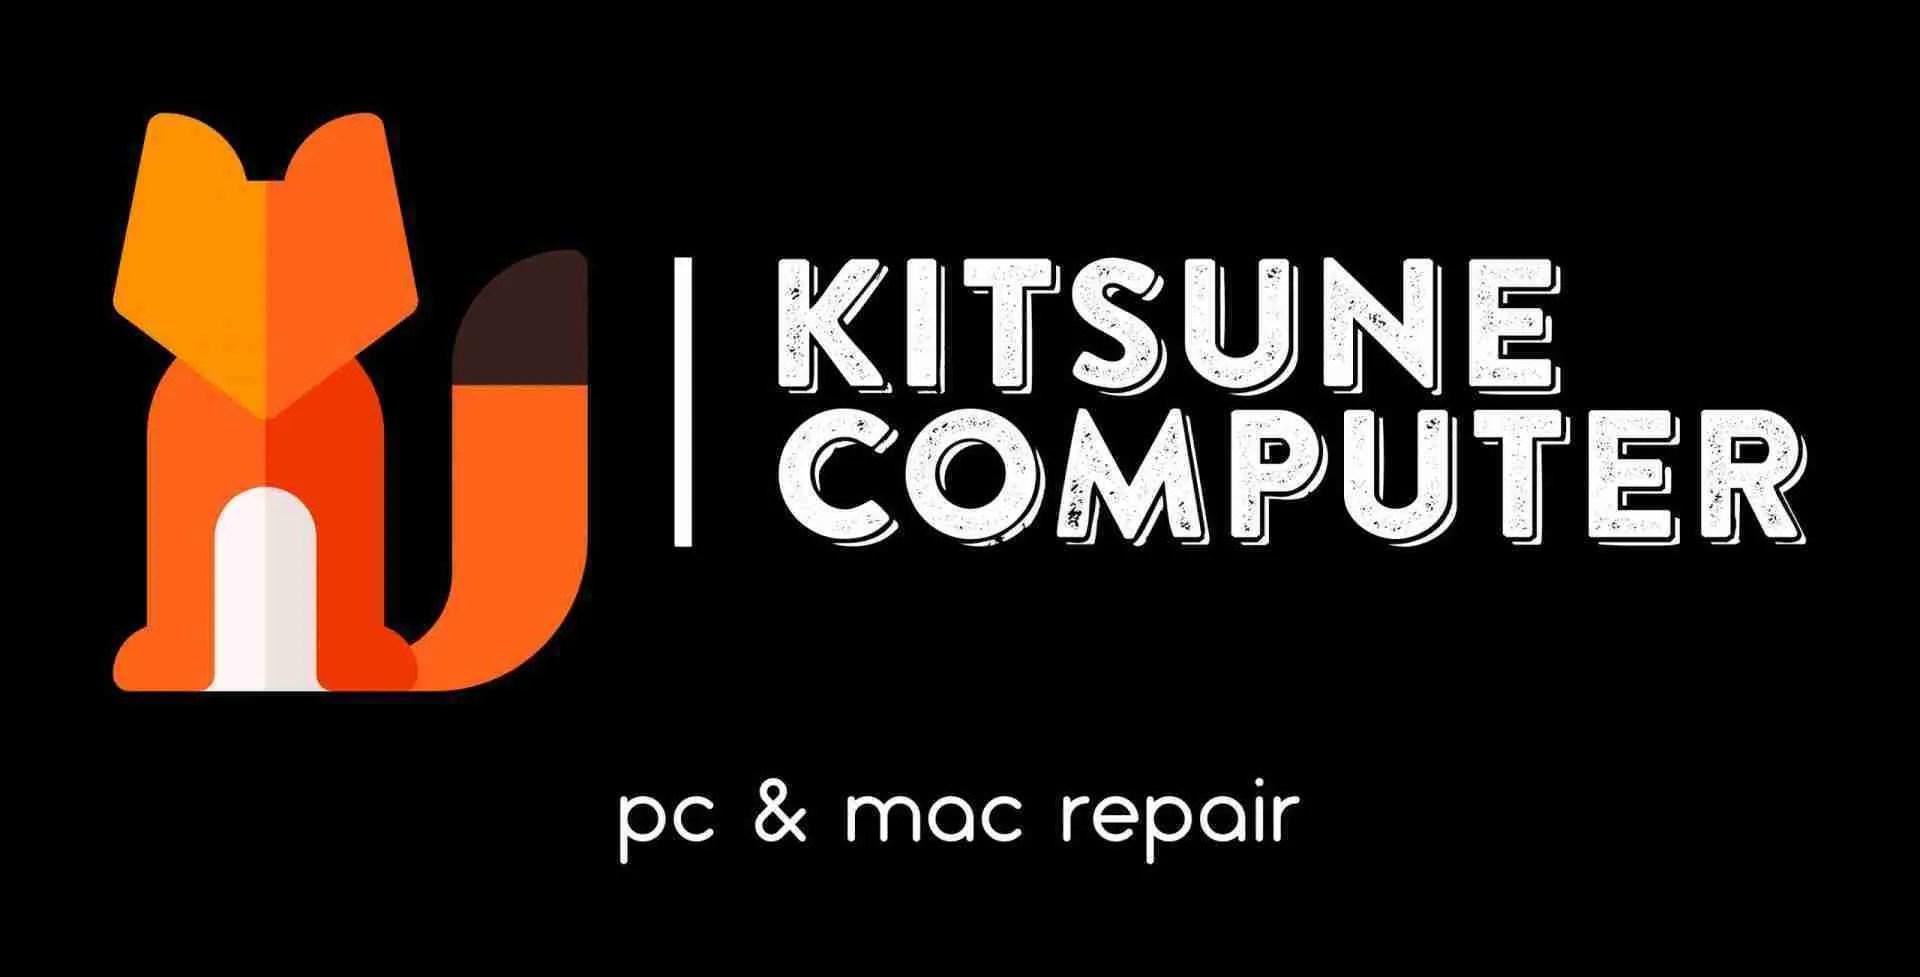 Kitsune Computer / Reparación de PC y MAC